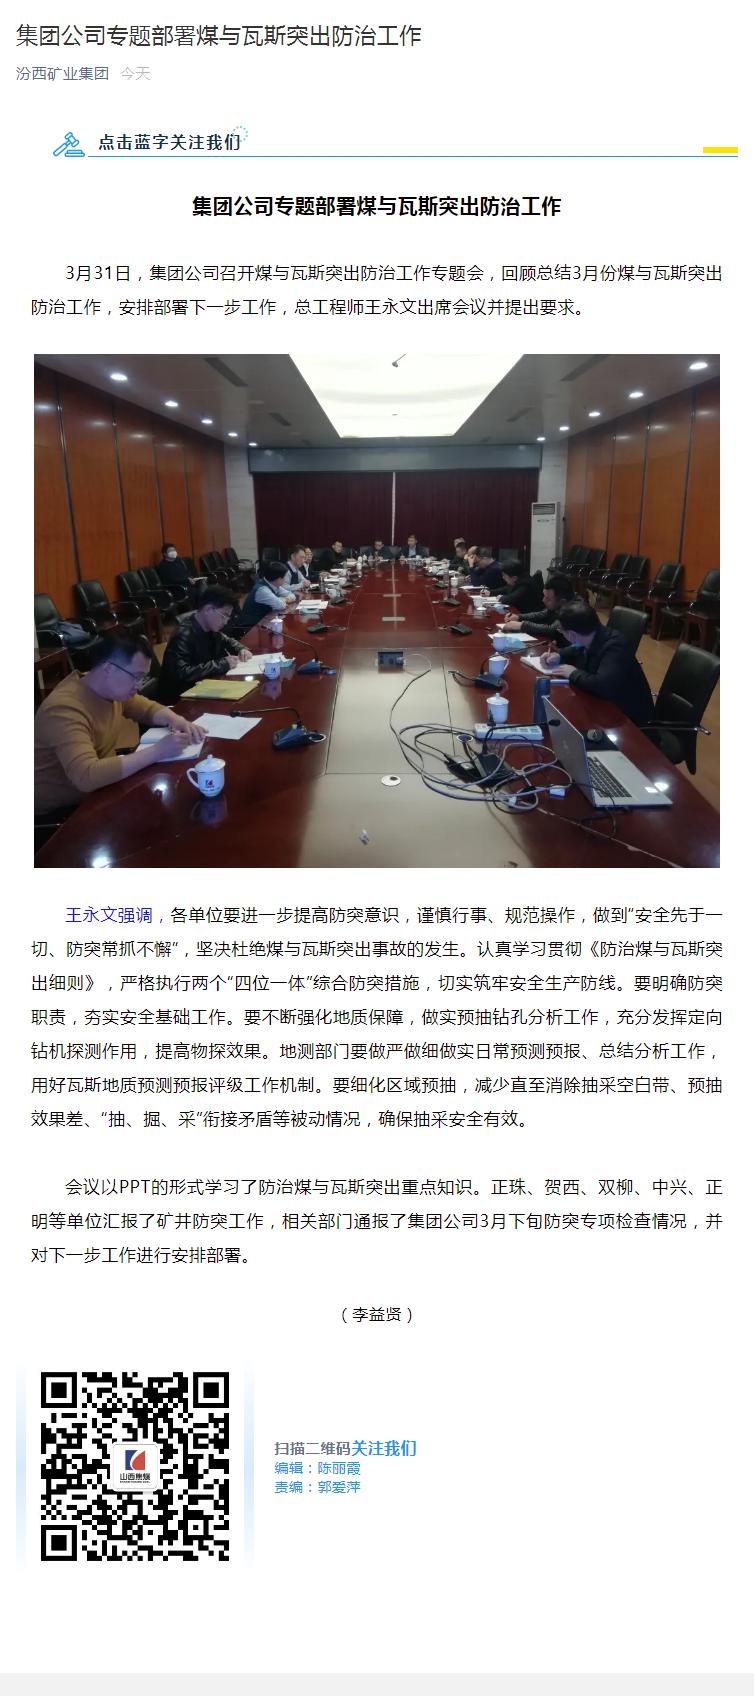 集团公司专题部署煤与瓦斯突出防治工作.png